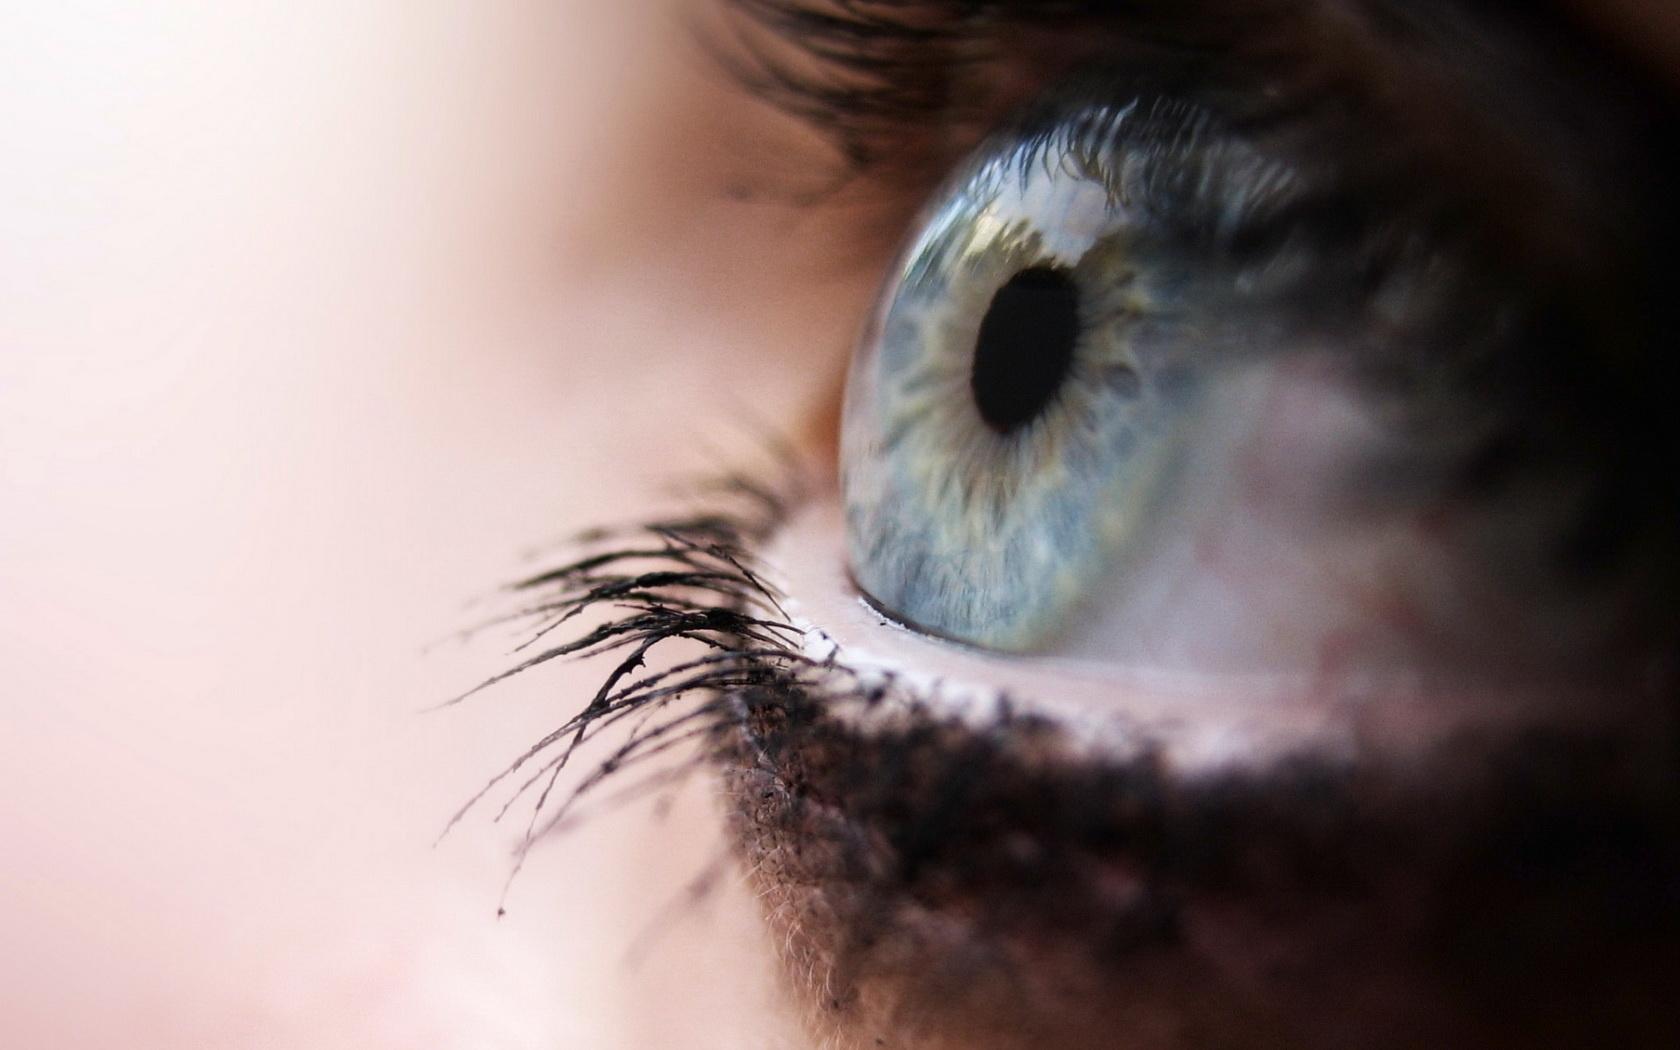 приходишь врачу, картинки про глаза про взгляд можно легализовать, если